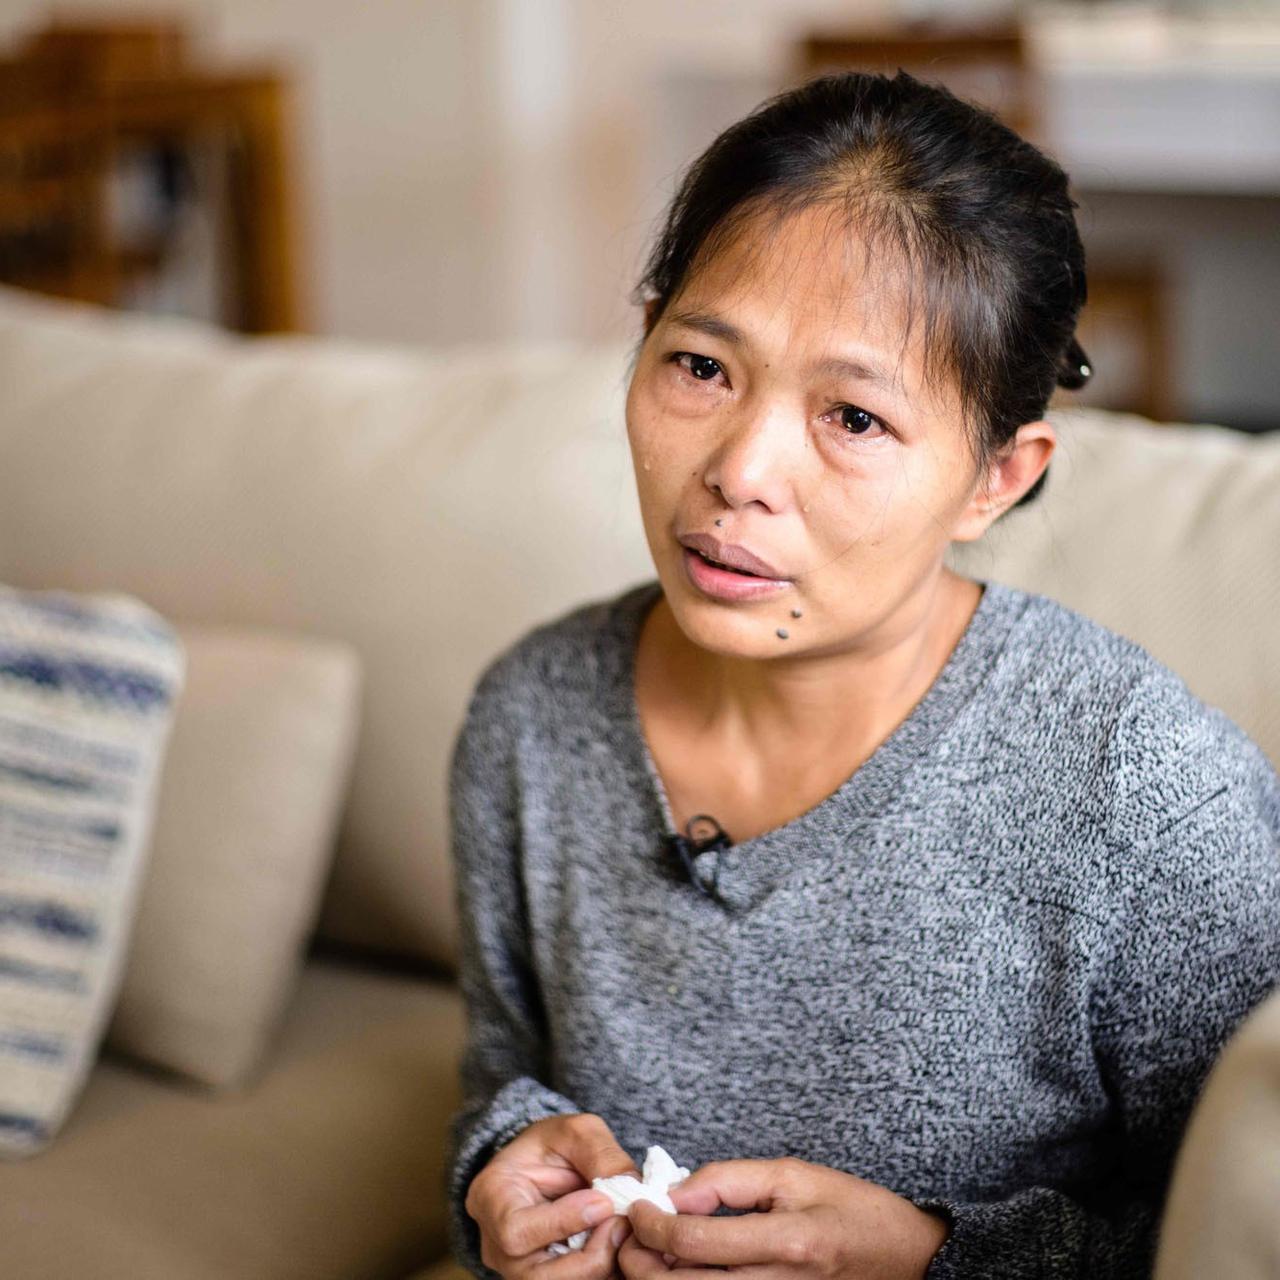 Samotna kobieta z rakiem